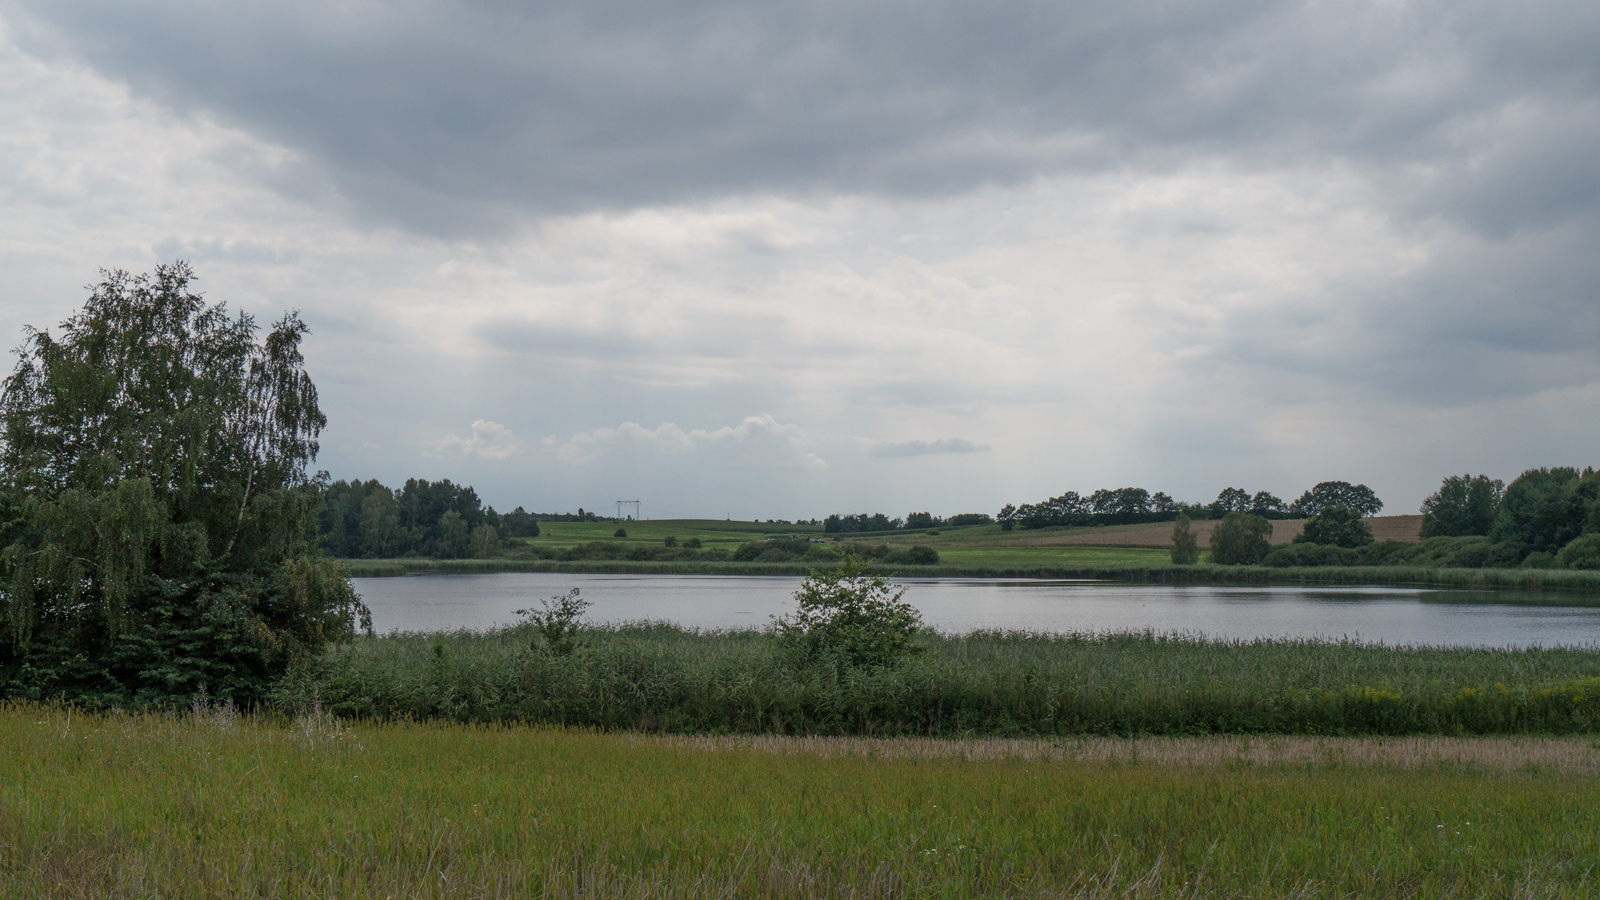 Am Nordufer des Dippelsdorfer Teiches